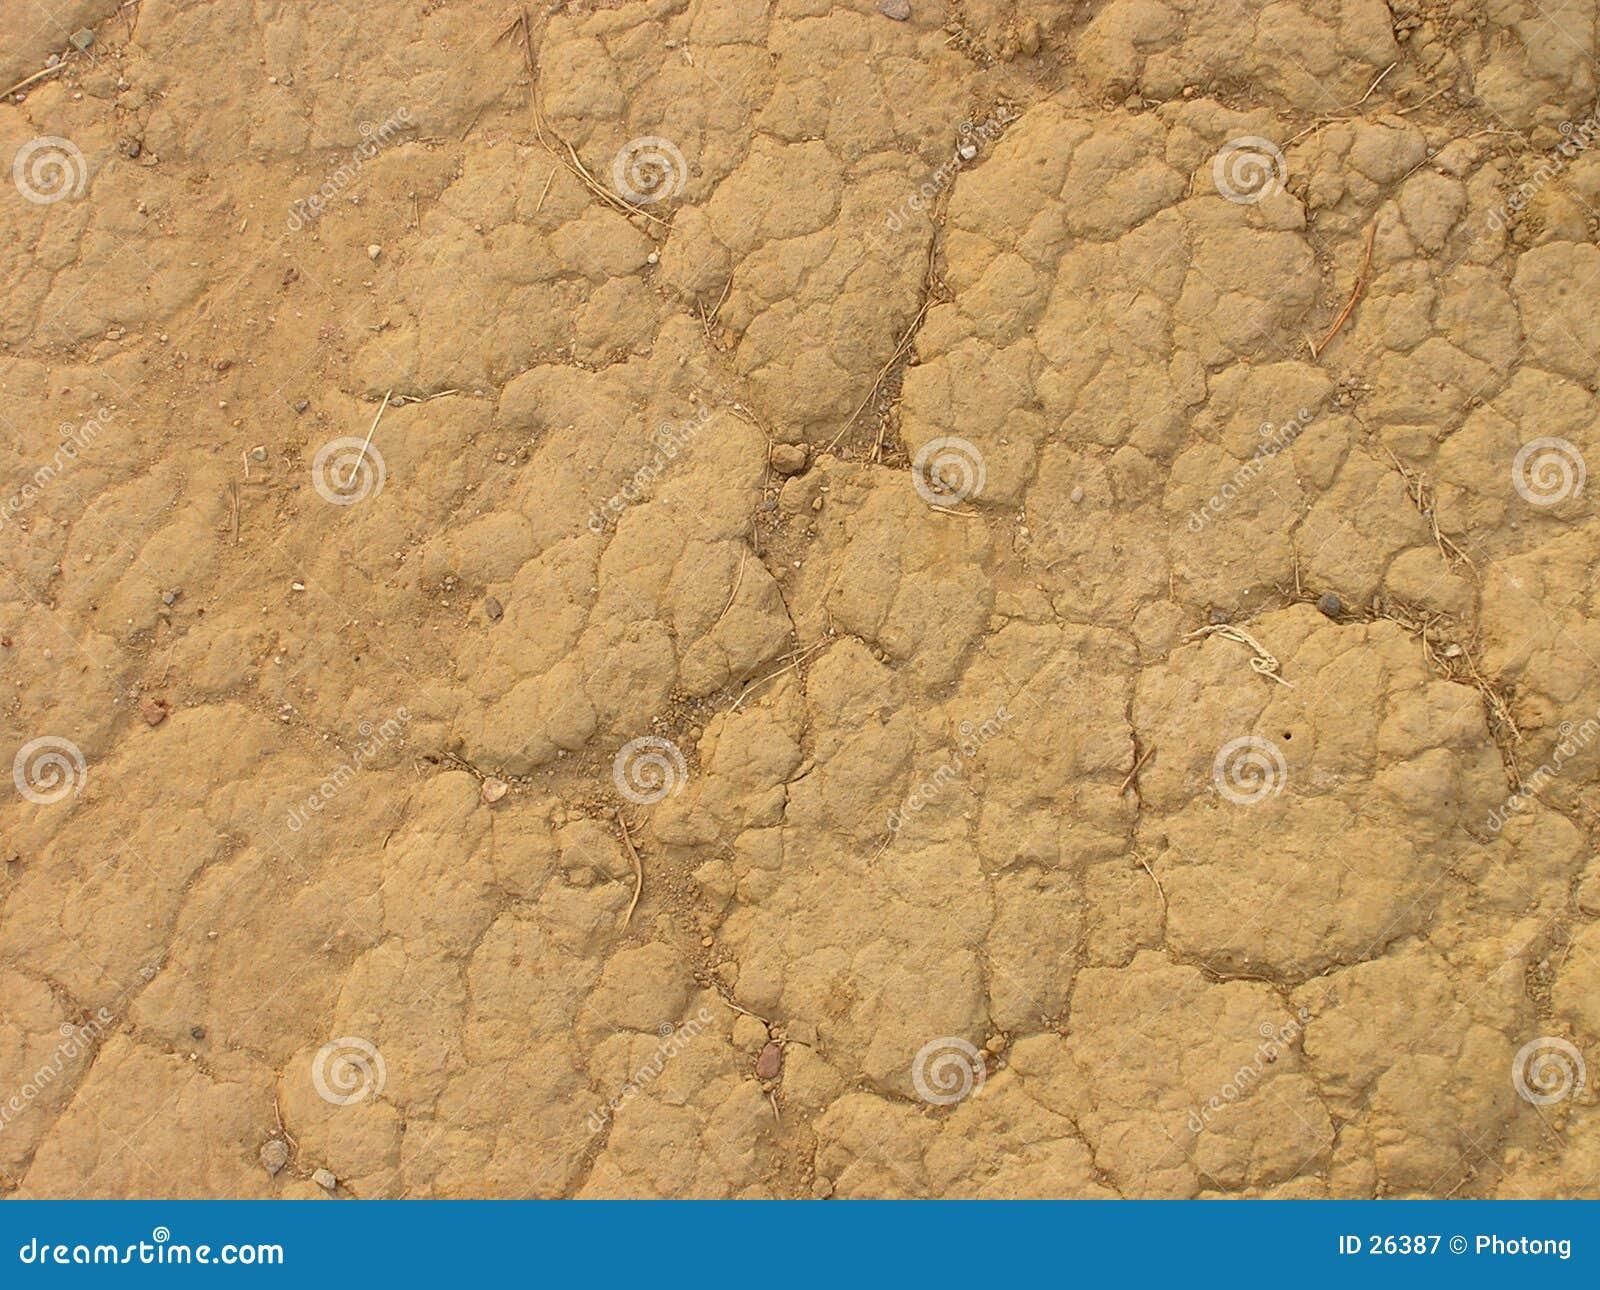 Download Tierra seca imagen de archivo. Imagen de ocre, penuria, recursos - 26387